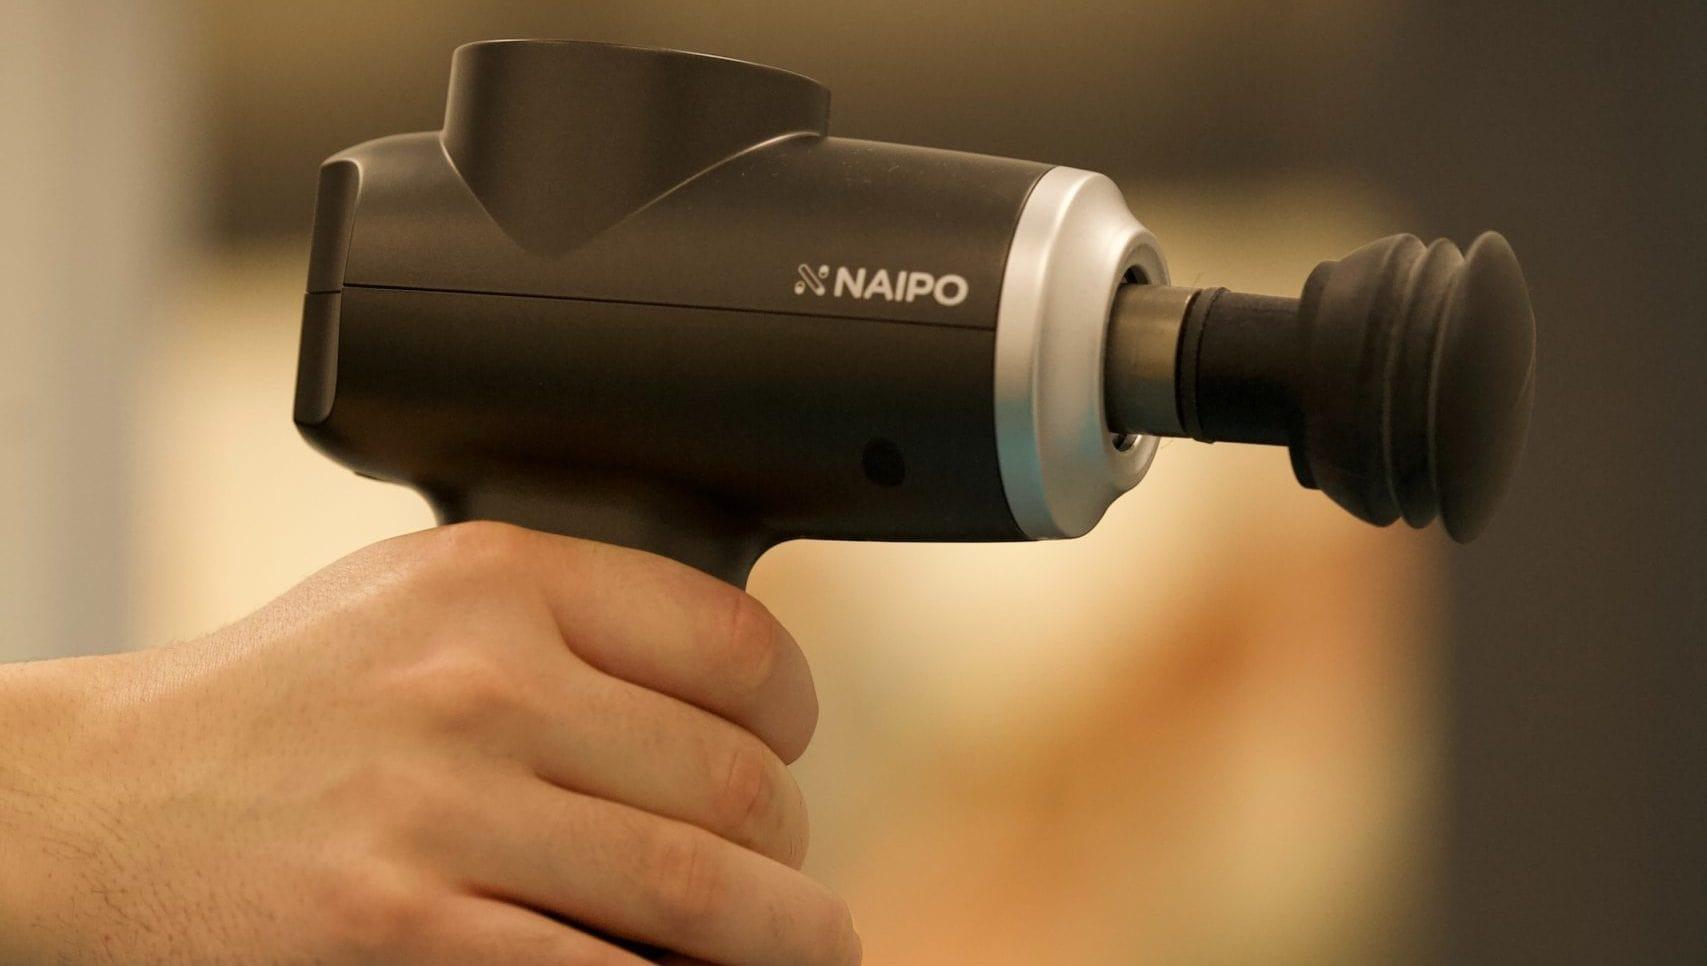 massage gun in hand